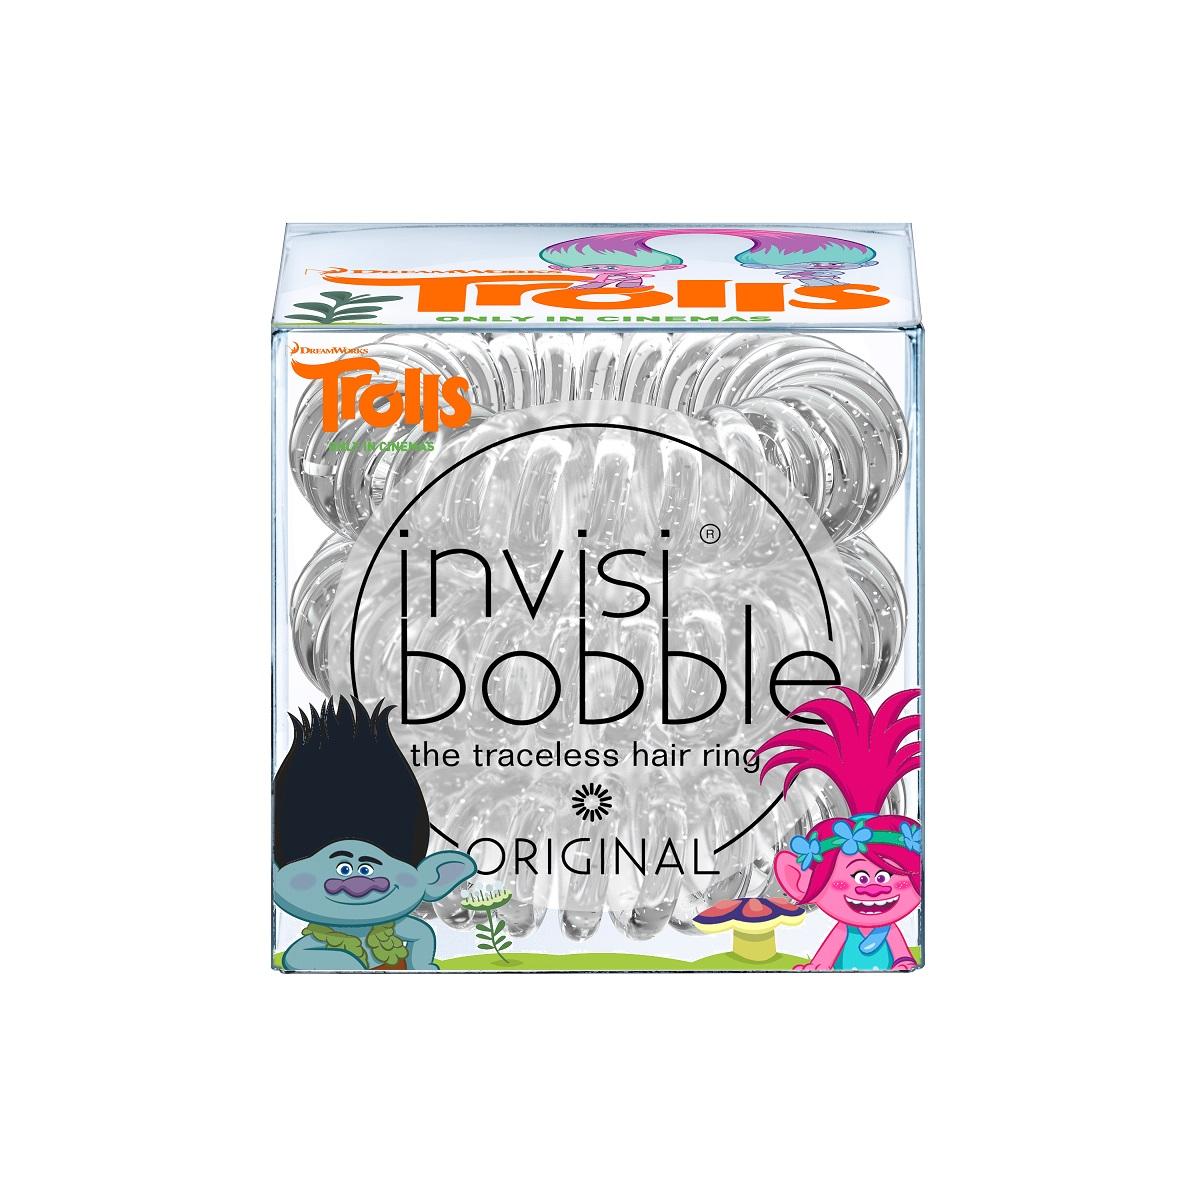 Резинка-браслет для волос Invisibobble Original Trolls, 3 шт. 30653065Резинки-браслеты invisibobble® Original в оттенке Sparkling Clear из коллекции Trolls Edition напомнят о невероятных путешествиях весёлых троллей из знаменитого мультфильма! Оригинальные резинки-браслеты invisibobble в форме телефонного шнура, созданные в Германии. Подходят для всех типов волос, надежно фиксируют причёску, не оставляют заломов и не вызывают головную боль благодаря неравномерному распределению давления на волосы. Кроме того, они не намокают и не вызывают аллергию при контакте с кожей, поскольку изготовлены из искусственной смолы. Подходят для любого возраста.